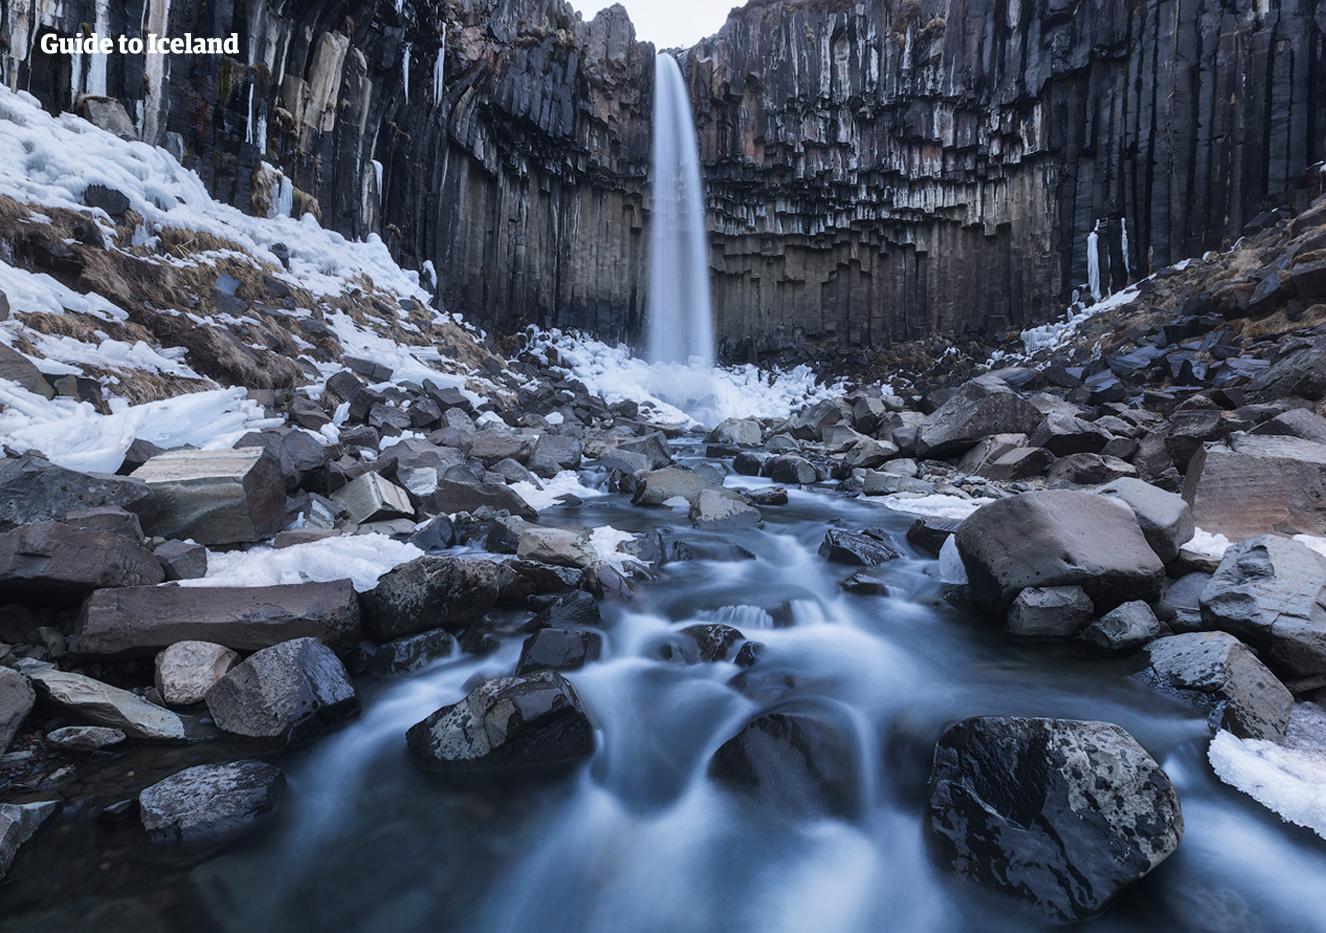 Sześciokątne czarne kolumny otaczają wodospad Svartifoss w południowej Islandii, przedstawiony tutaj zimą.